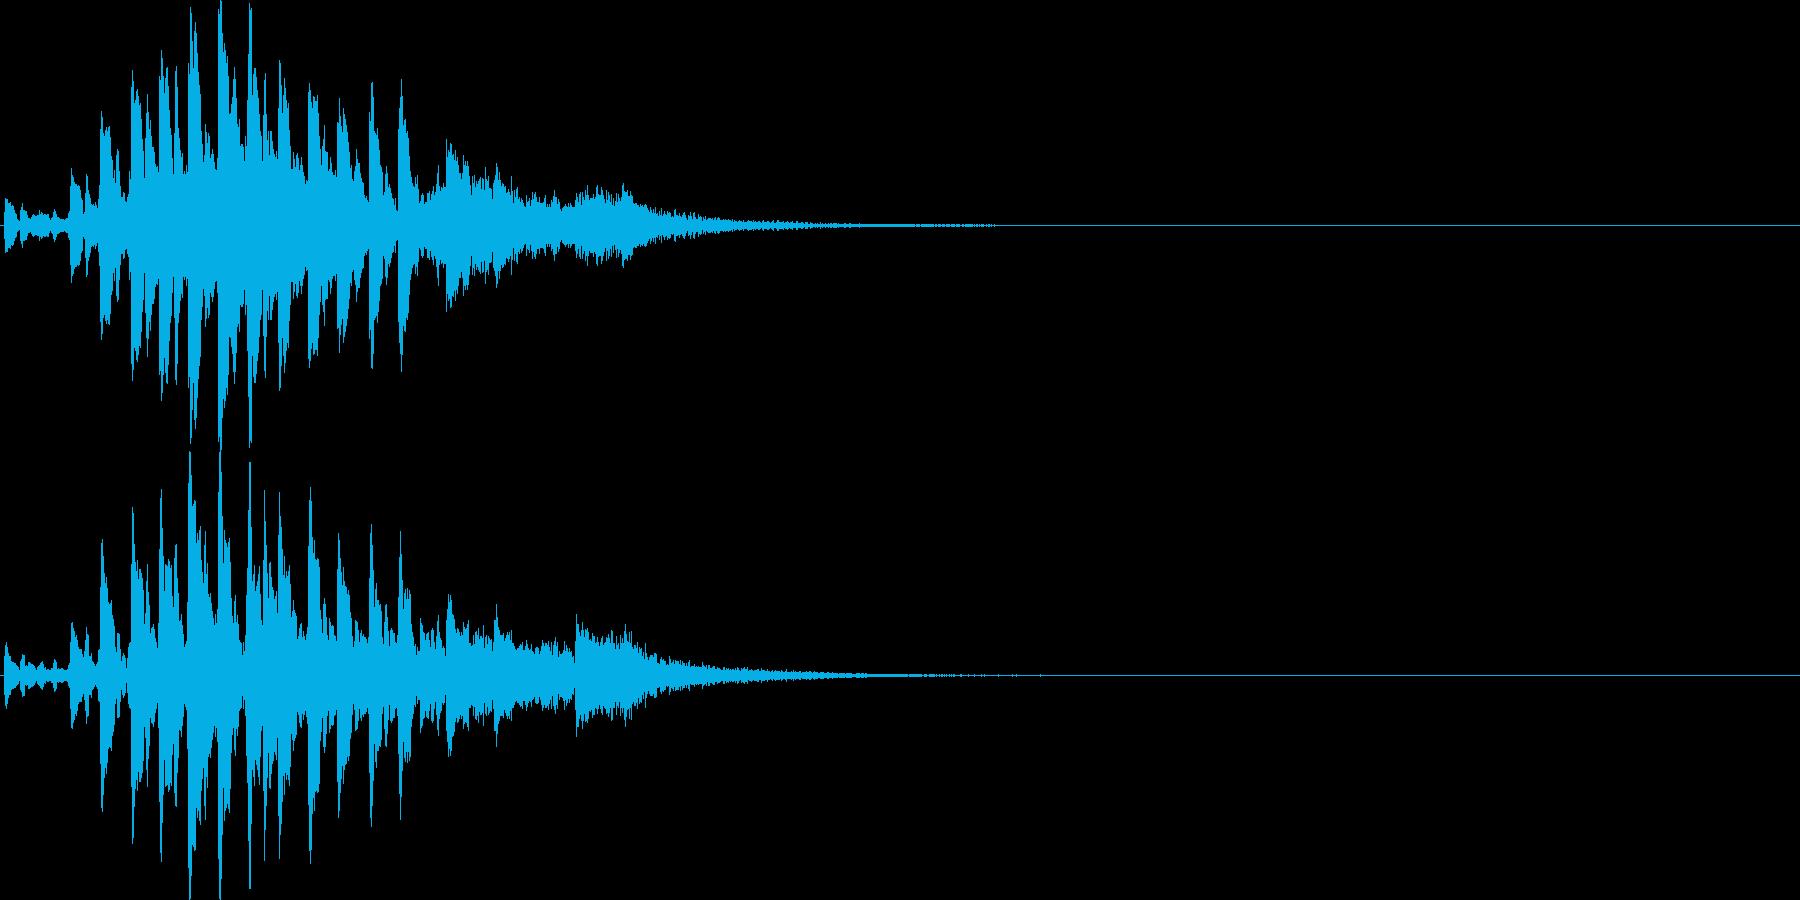 テケテケテケ…テレレレ…琴の単発フレーズの再生済みの波形